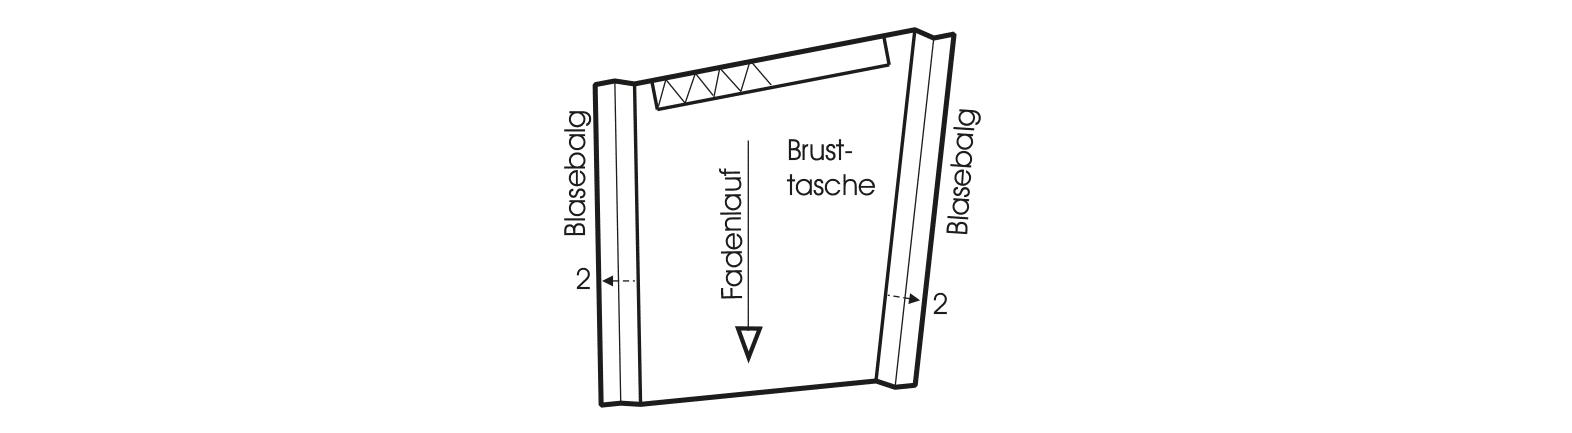 Die Abbildung zeigt die Schnittkonstruktion eines Kragens für eine Jacke mit Reißverschlüssen.